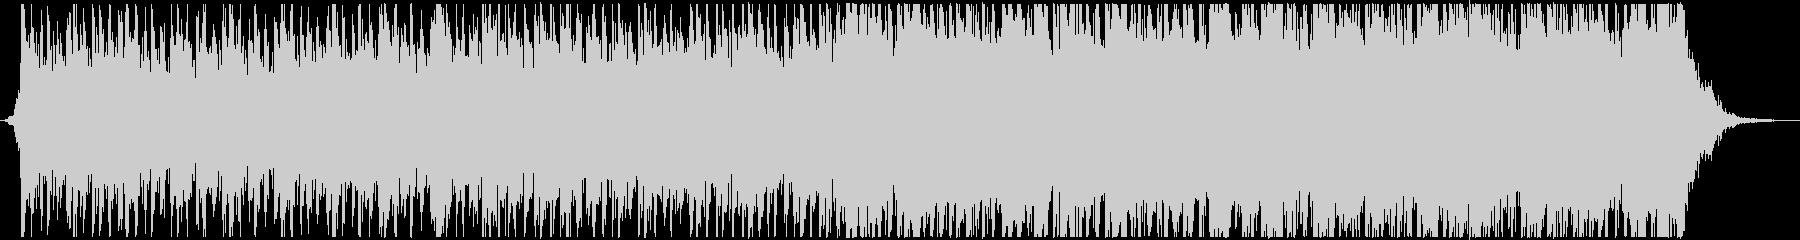 Horizon VIIの未再生の波形